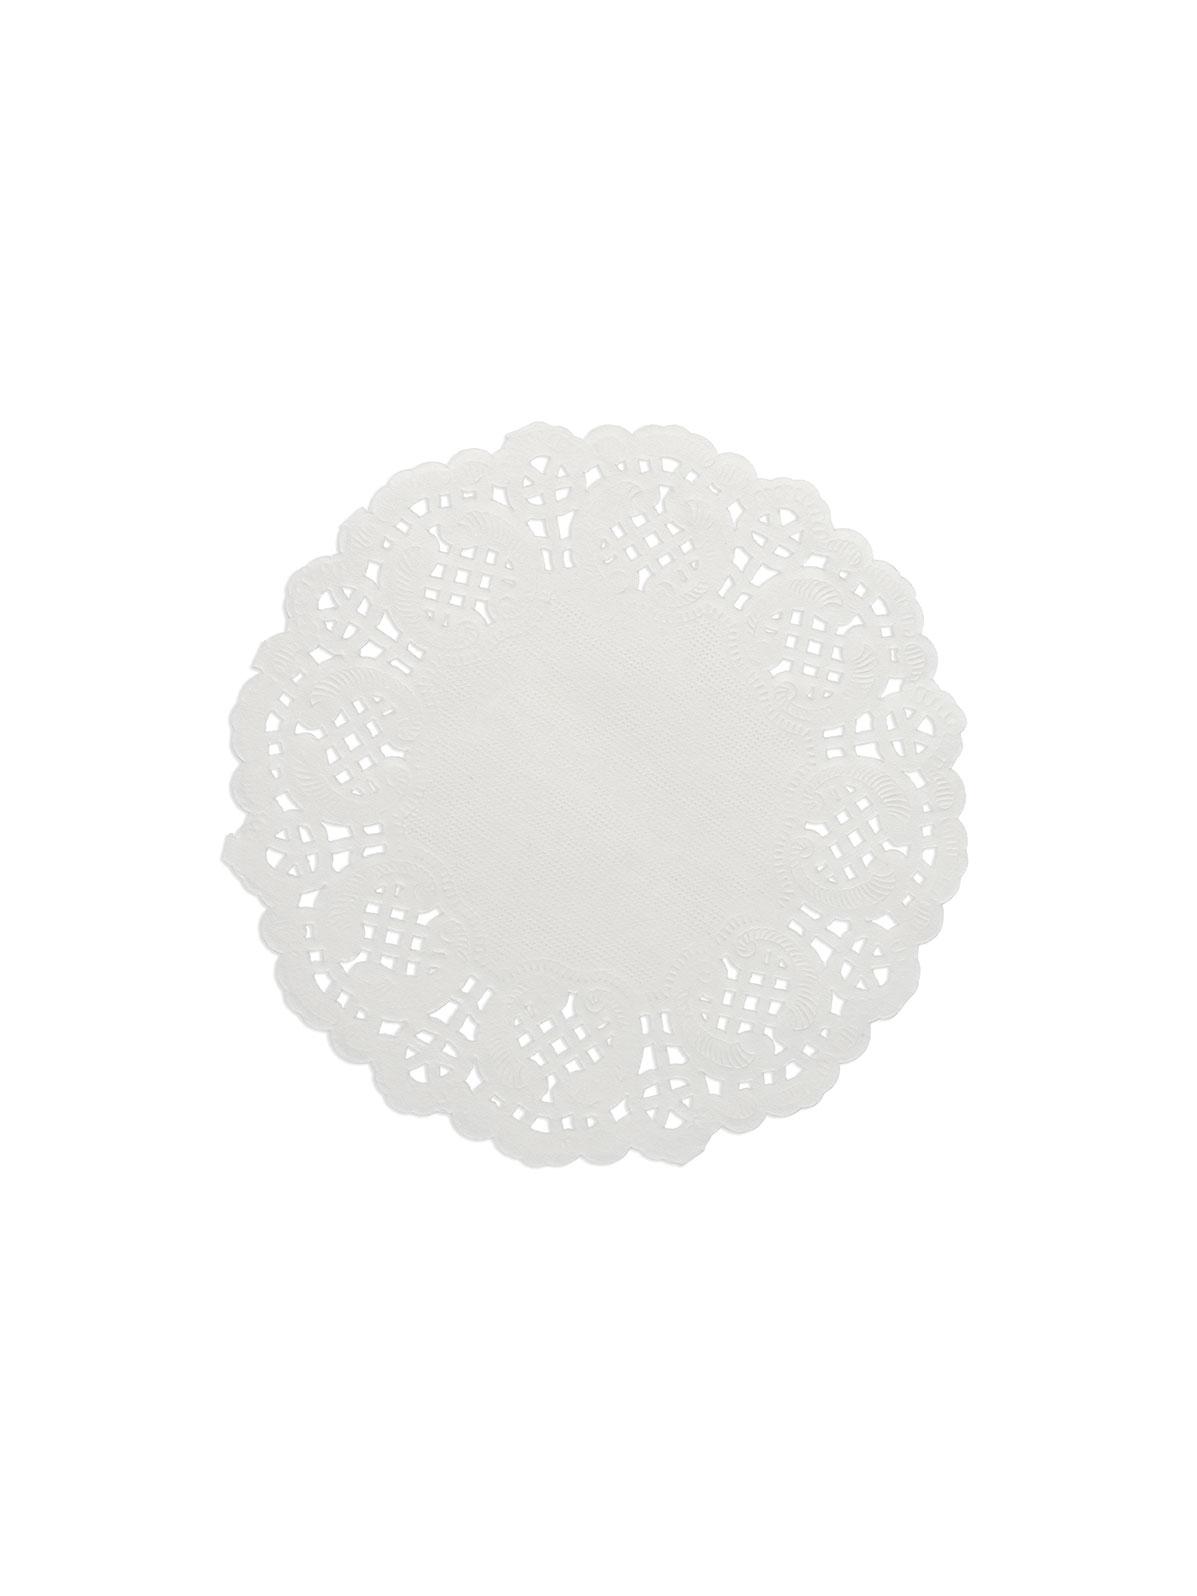 Laisser Mijoter et Brillance Lumière-mate Couleur Changeante Lumière DEL Portable Shimmer